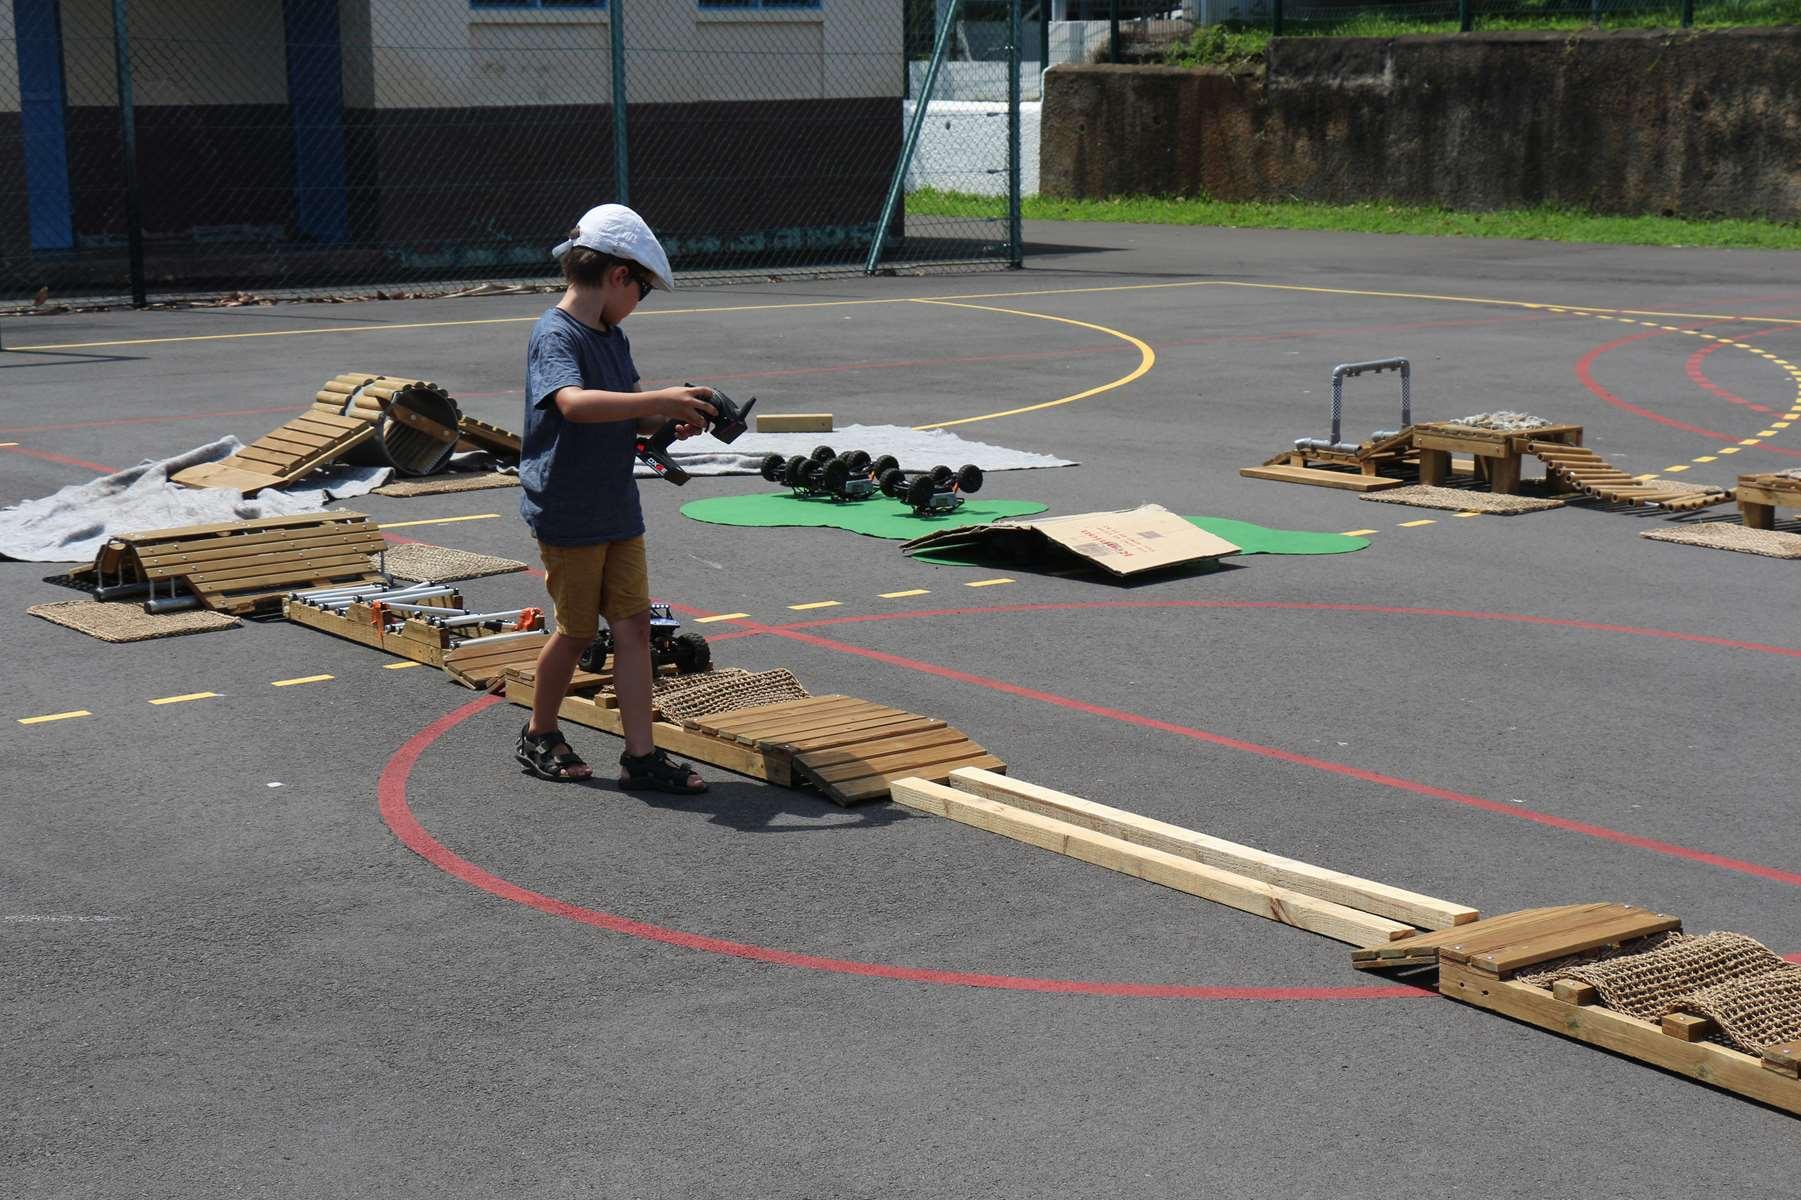 Loisirs activité pour les enfants ile de la Réunion Atmosphère péi modélisme